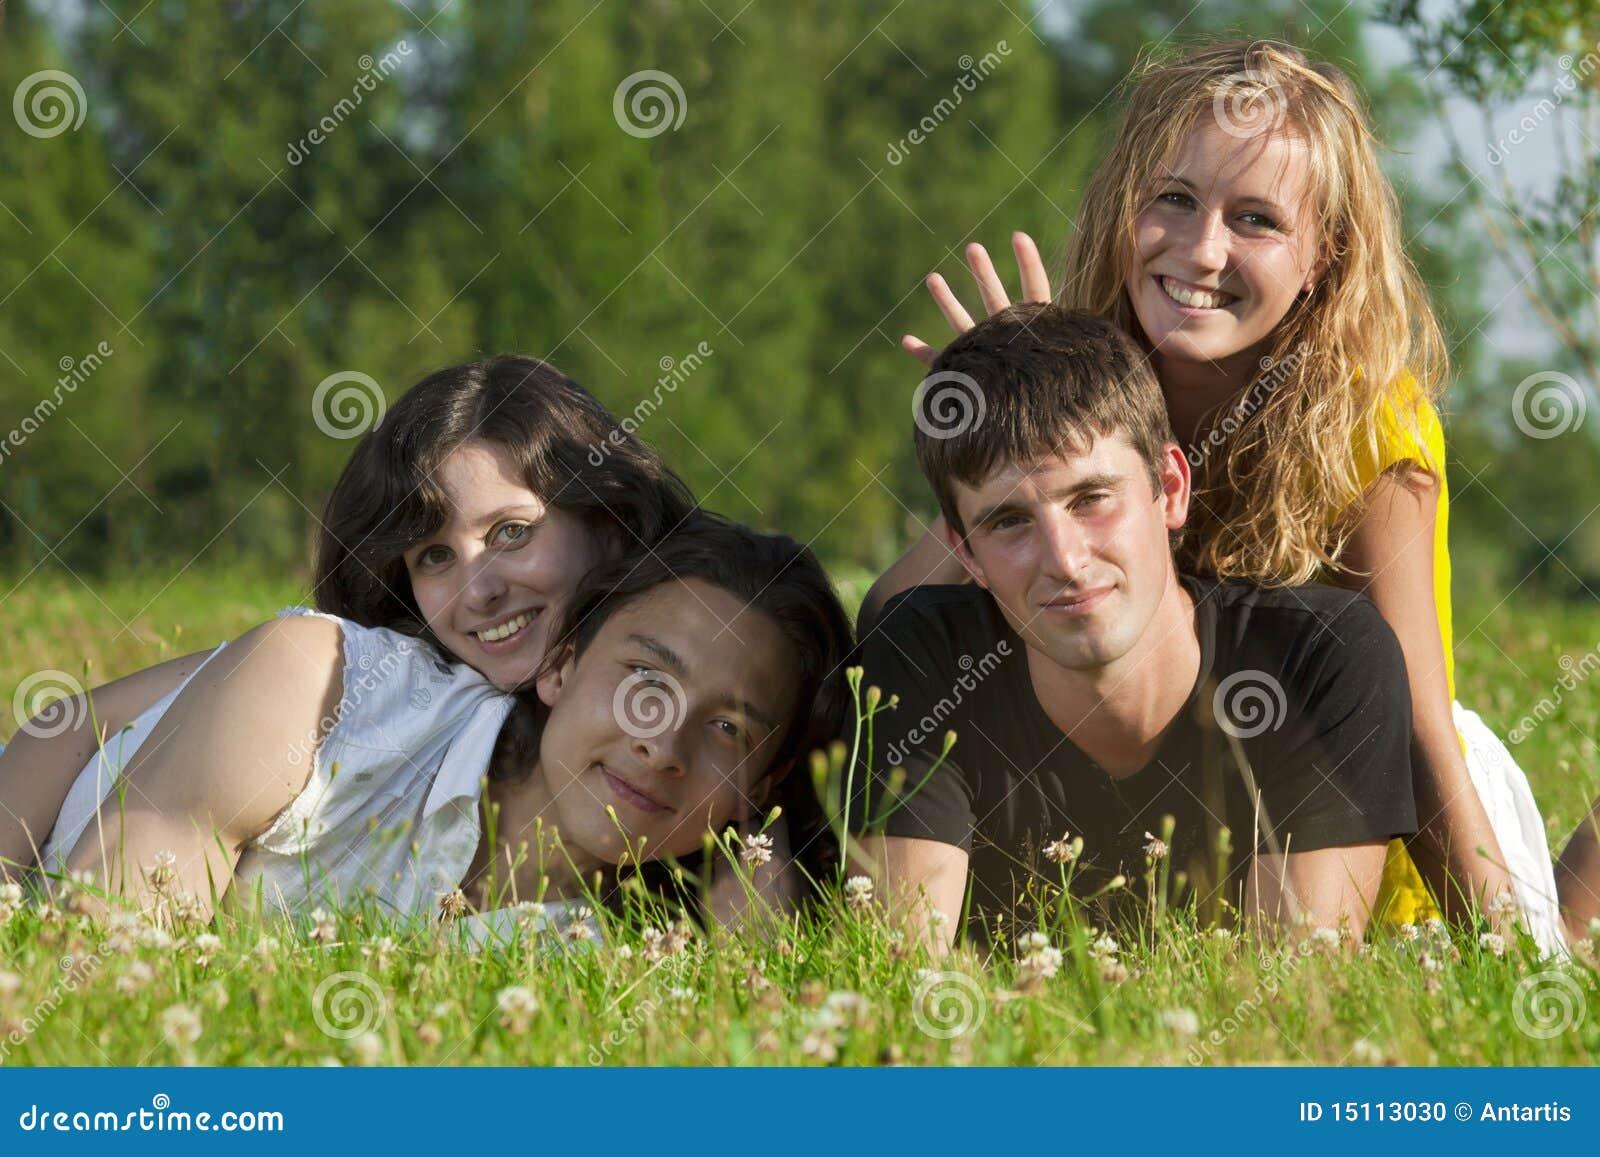 Фото девушек с молодым человеком 26 фотография